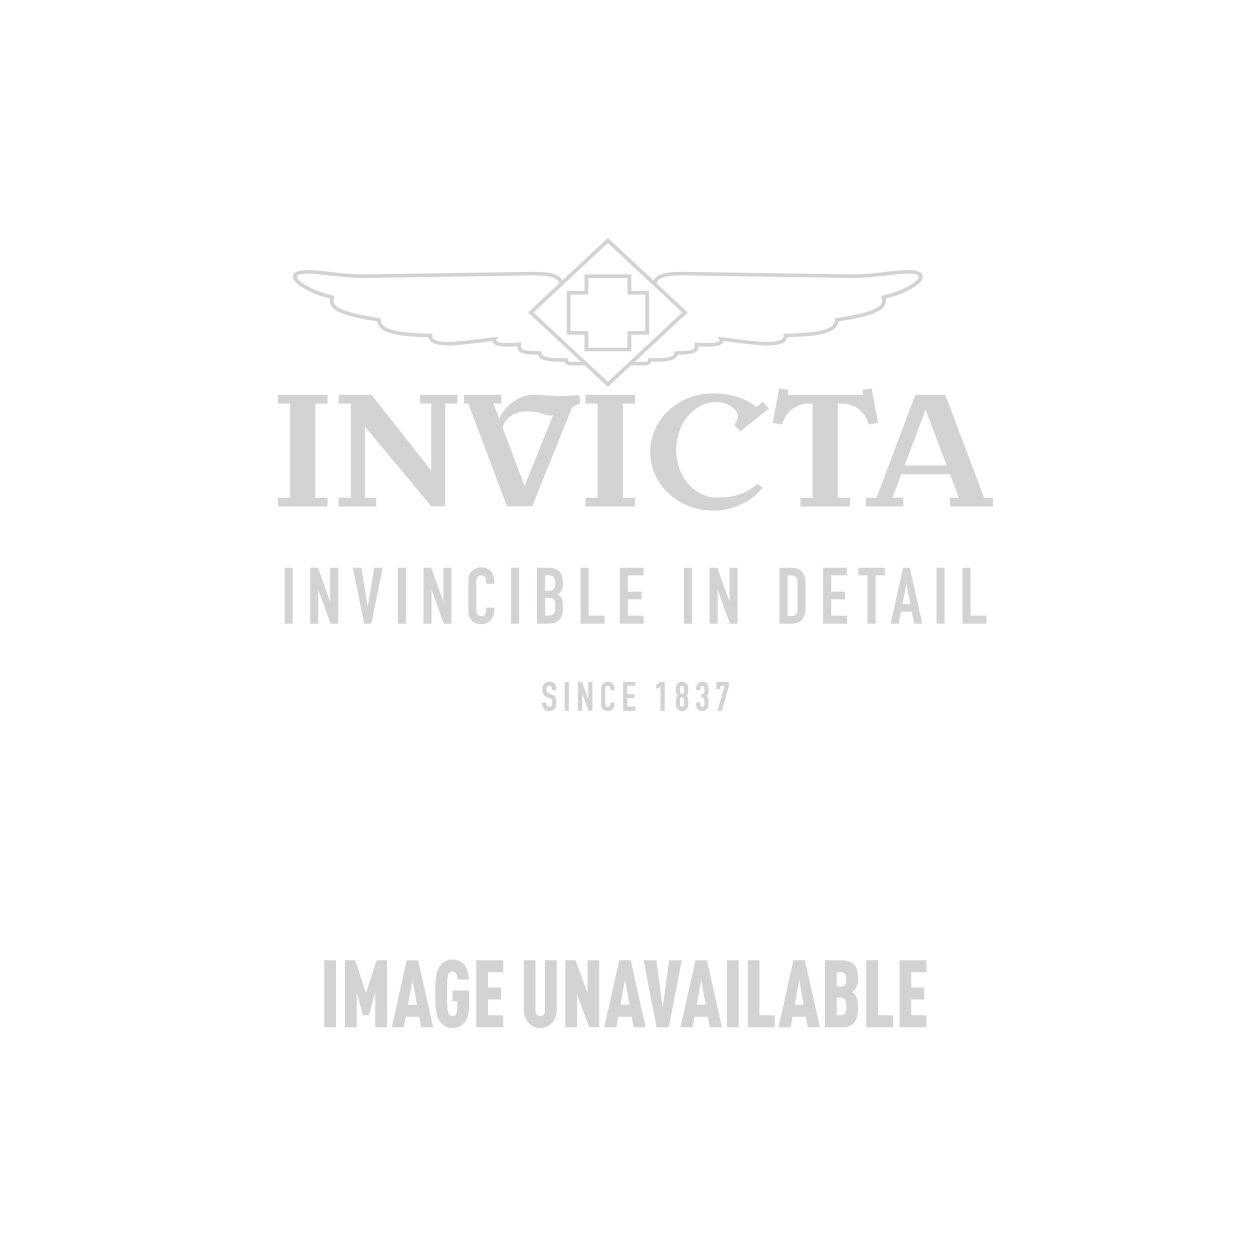 Invicta Model 29410